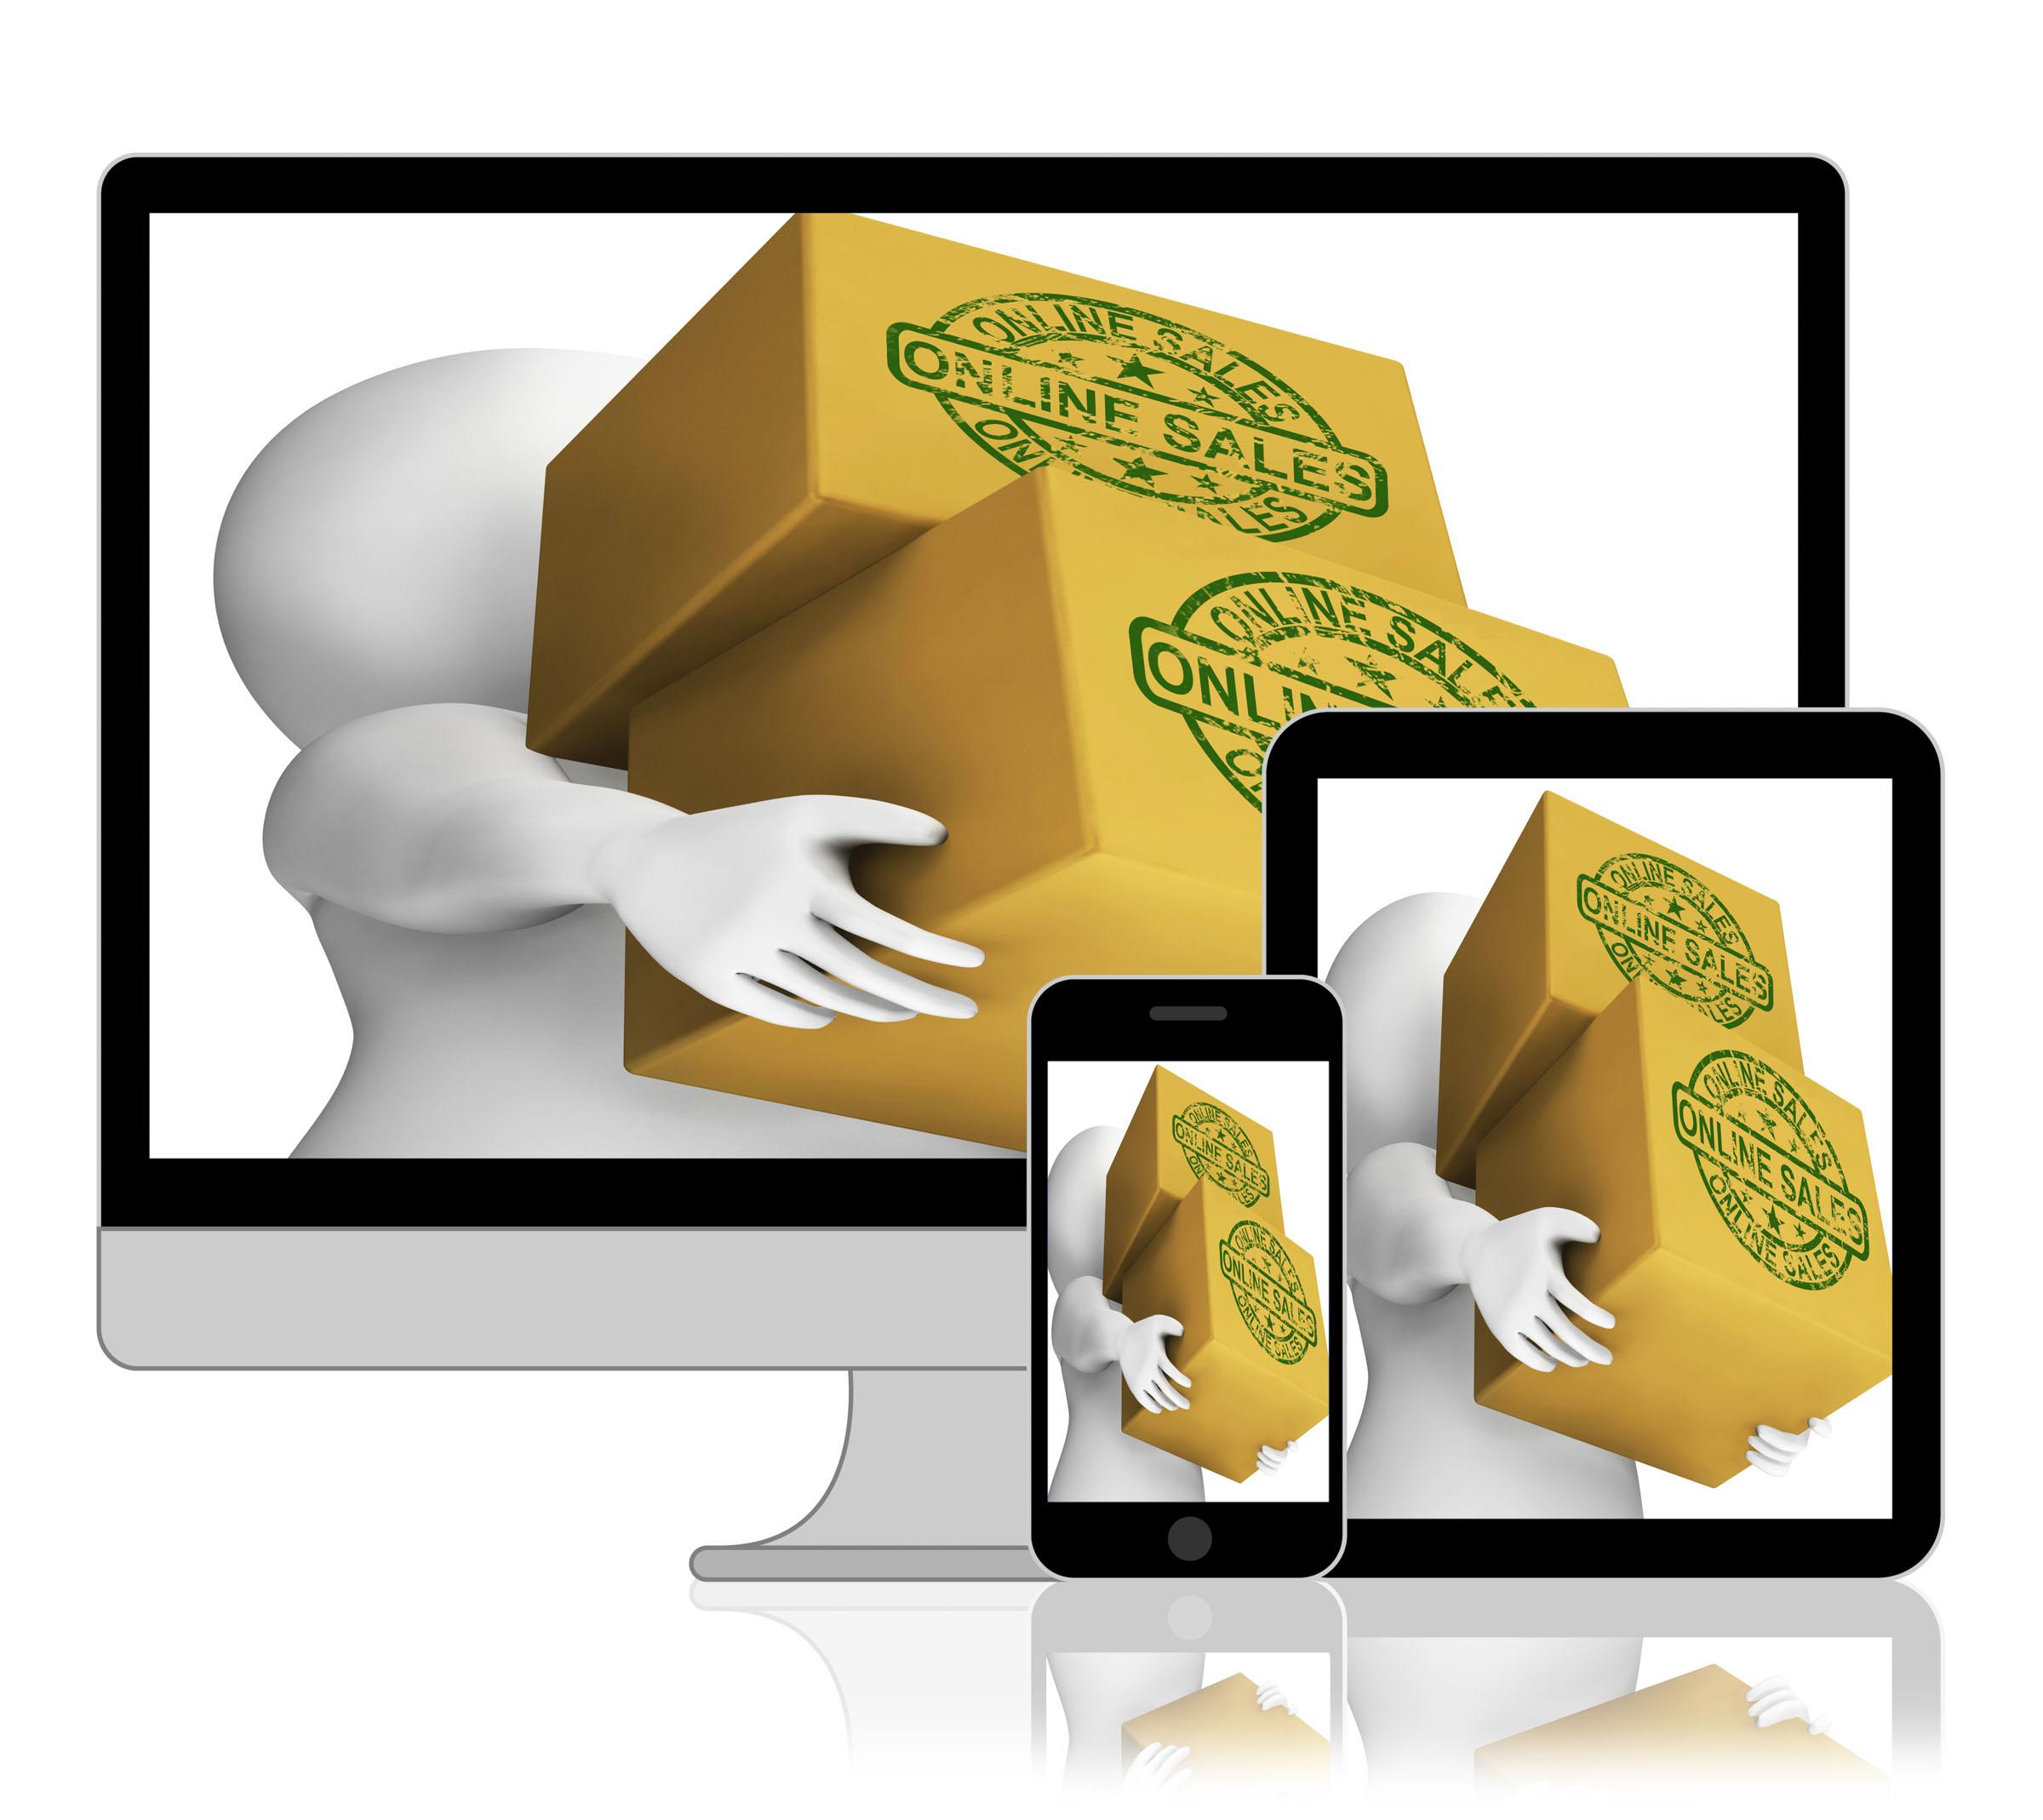 Czego klienci szukają w e-sklepach